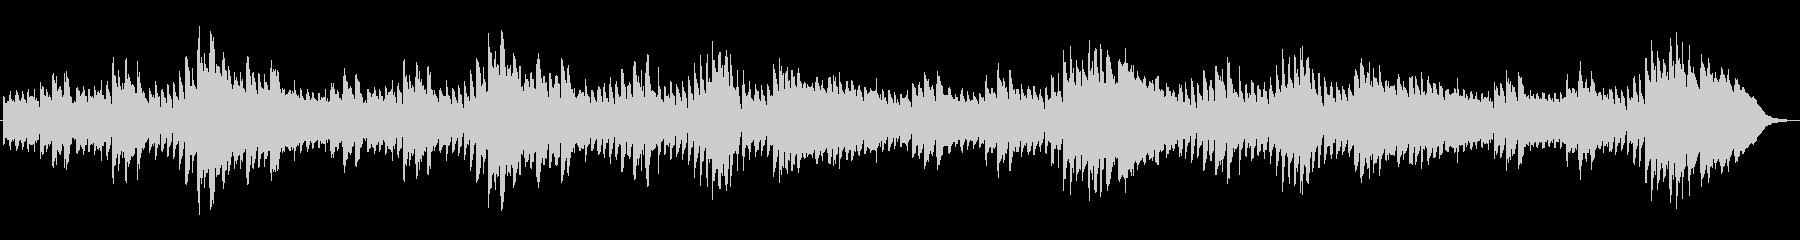 ピアノによるかわいい~メヌエットの未再生の波形